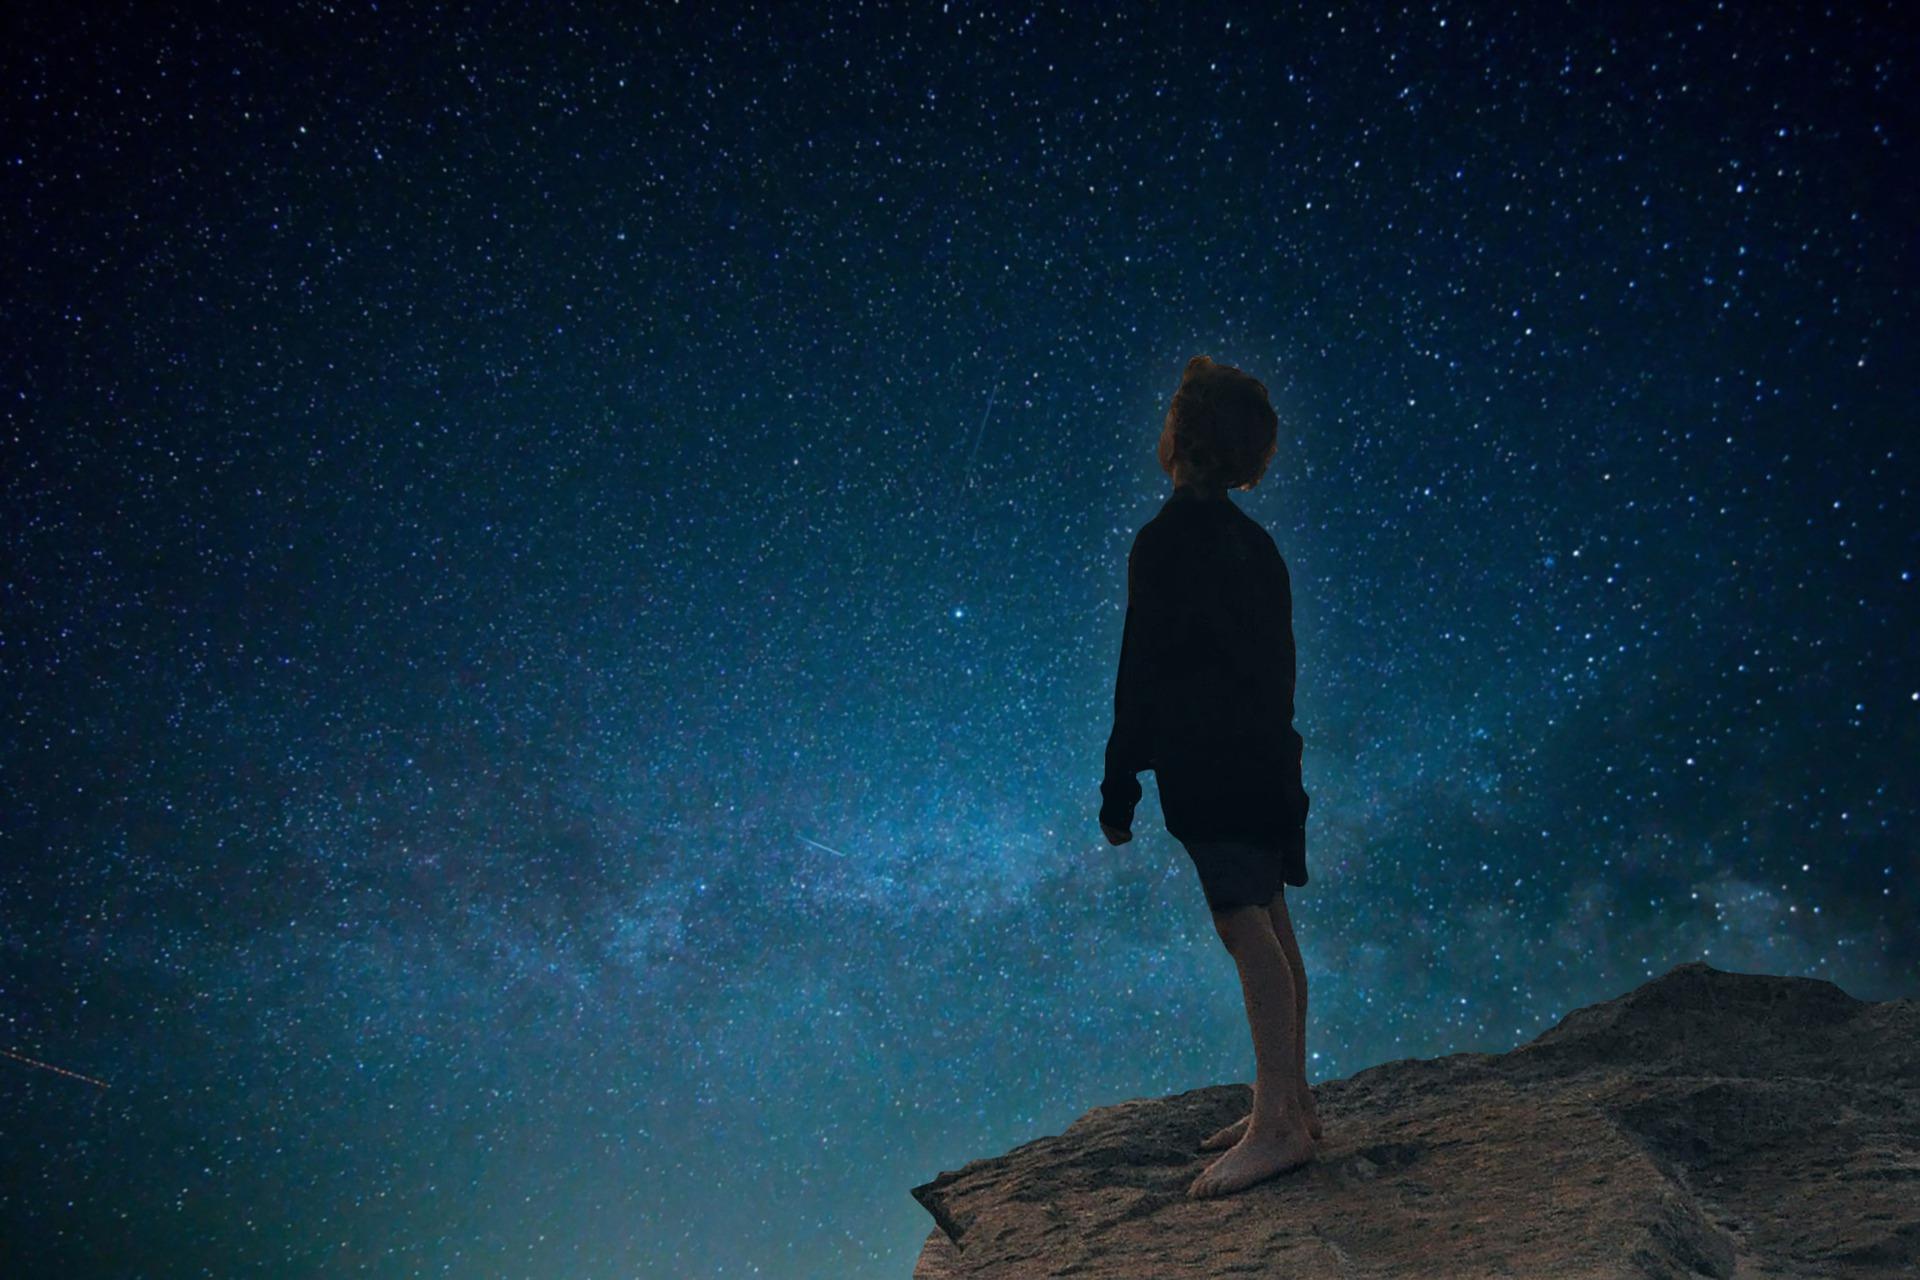 努力できない自分をクズだと落ち込んで星空を眺めている少年の画像